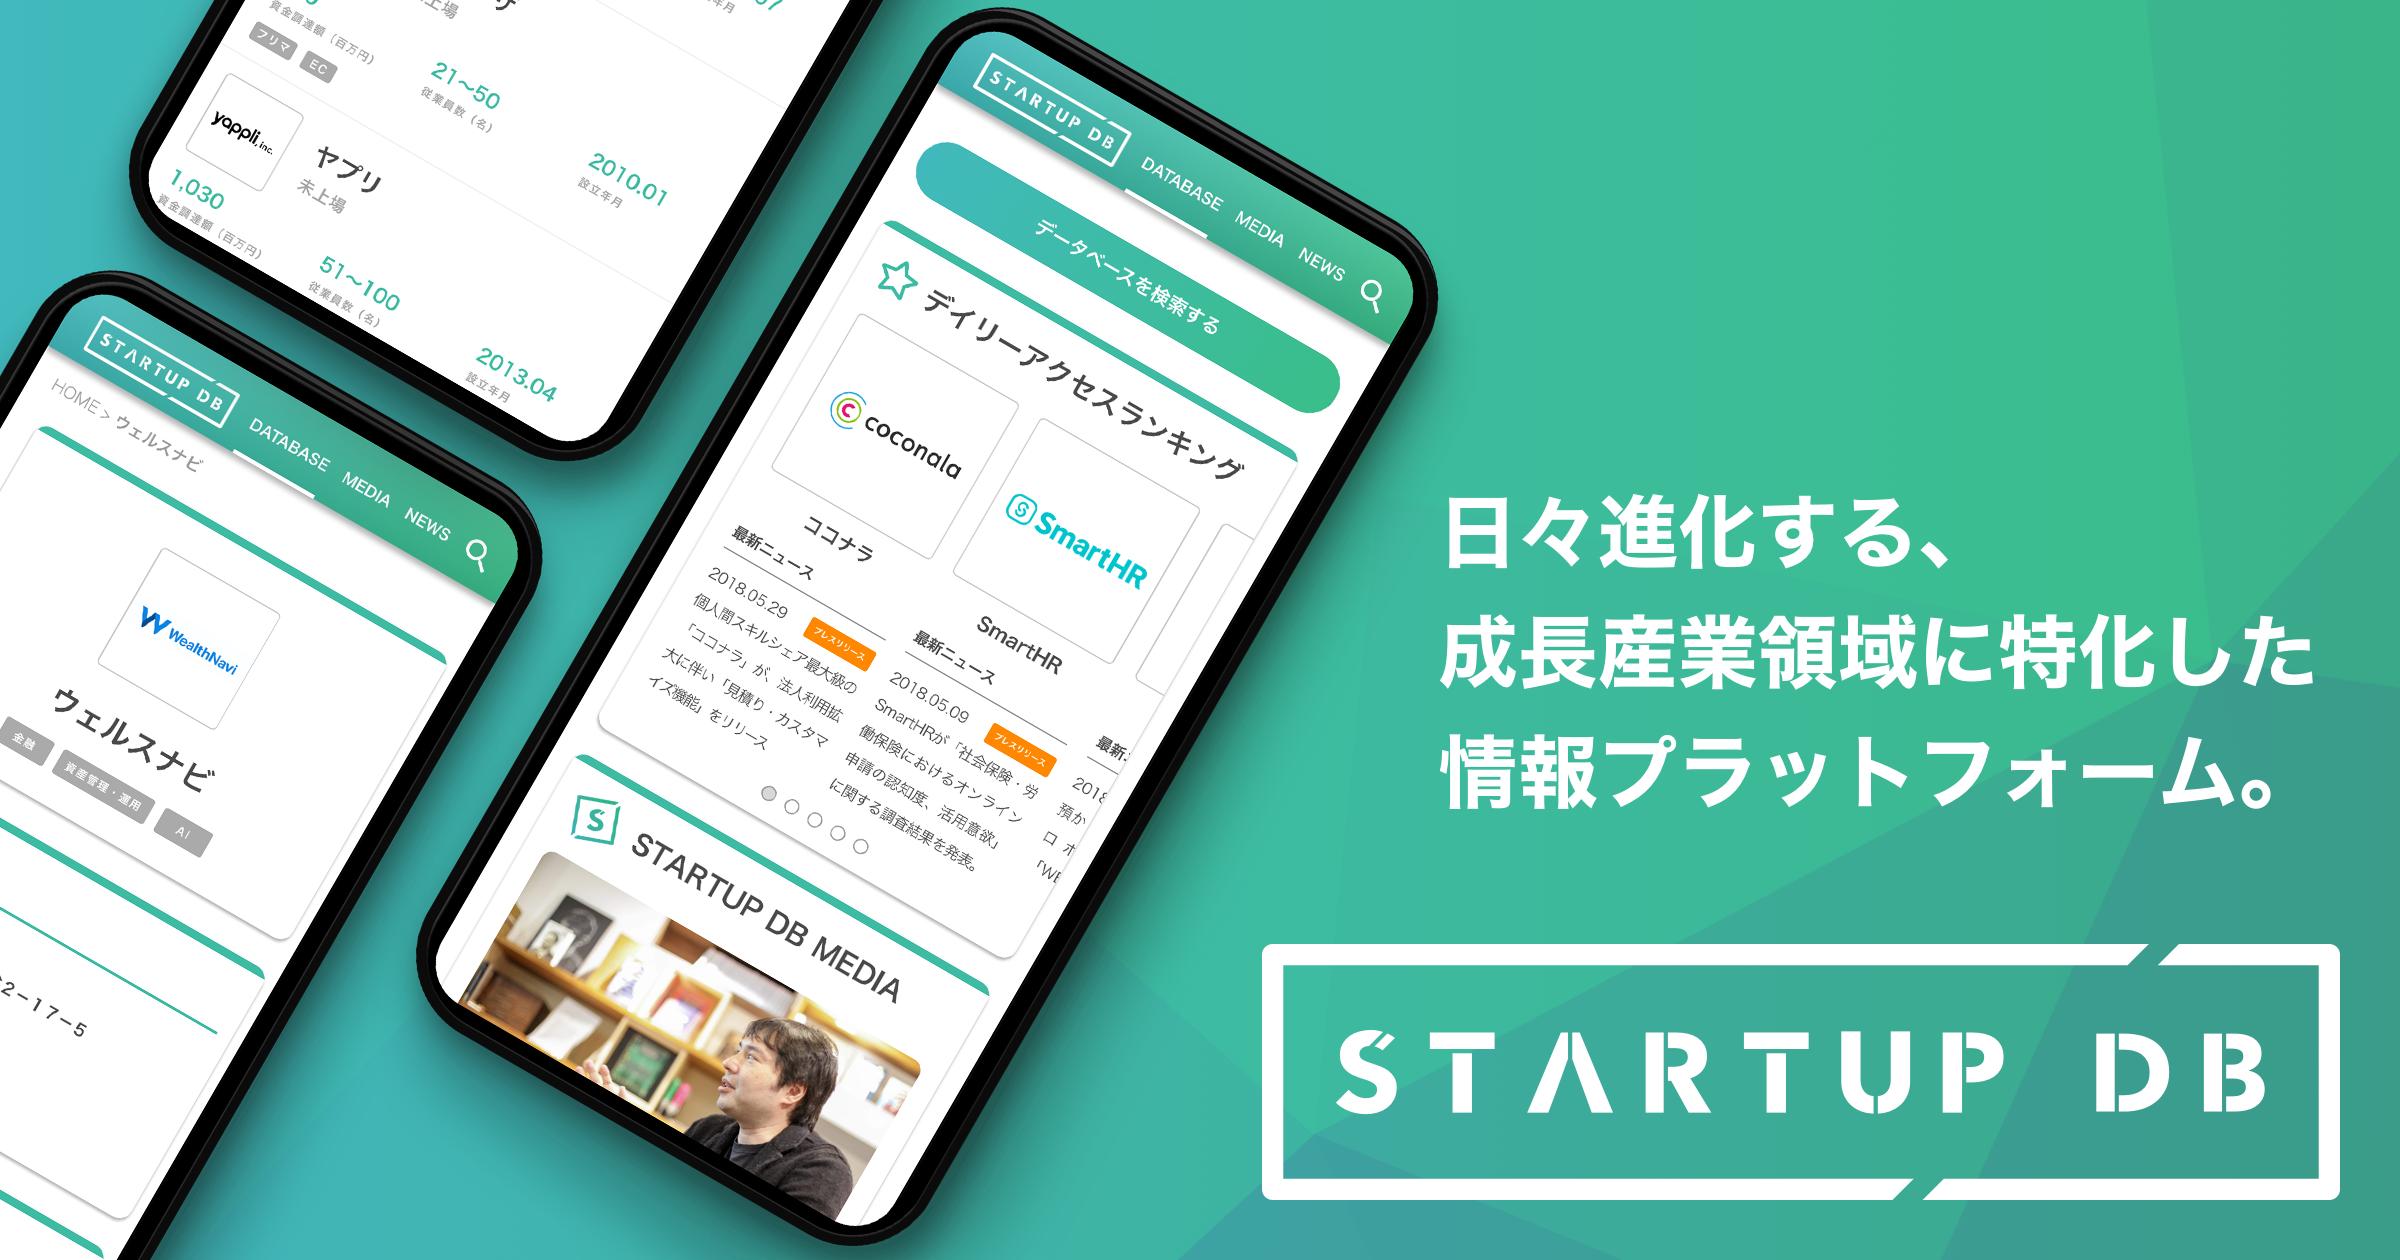 CNET Japanに弊社の新サービス「STARTUP DB」に関する記事が掲載されました。